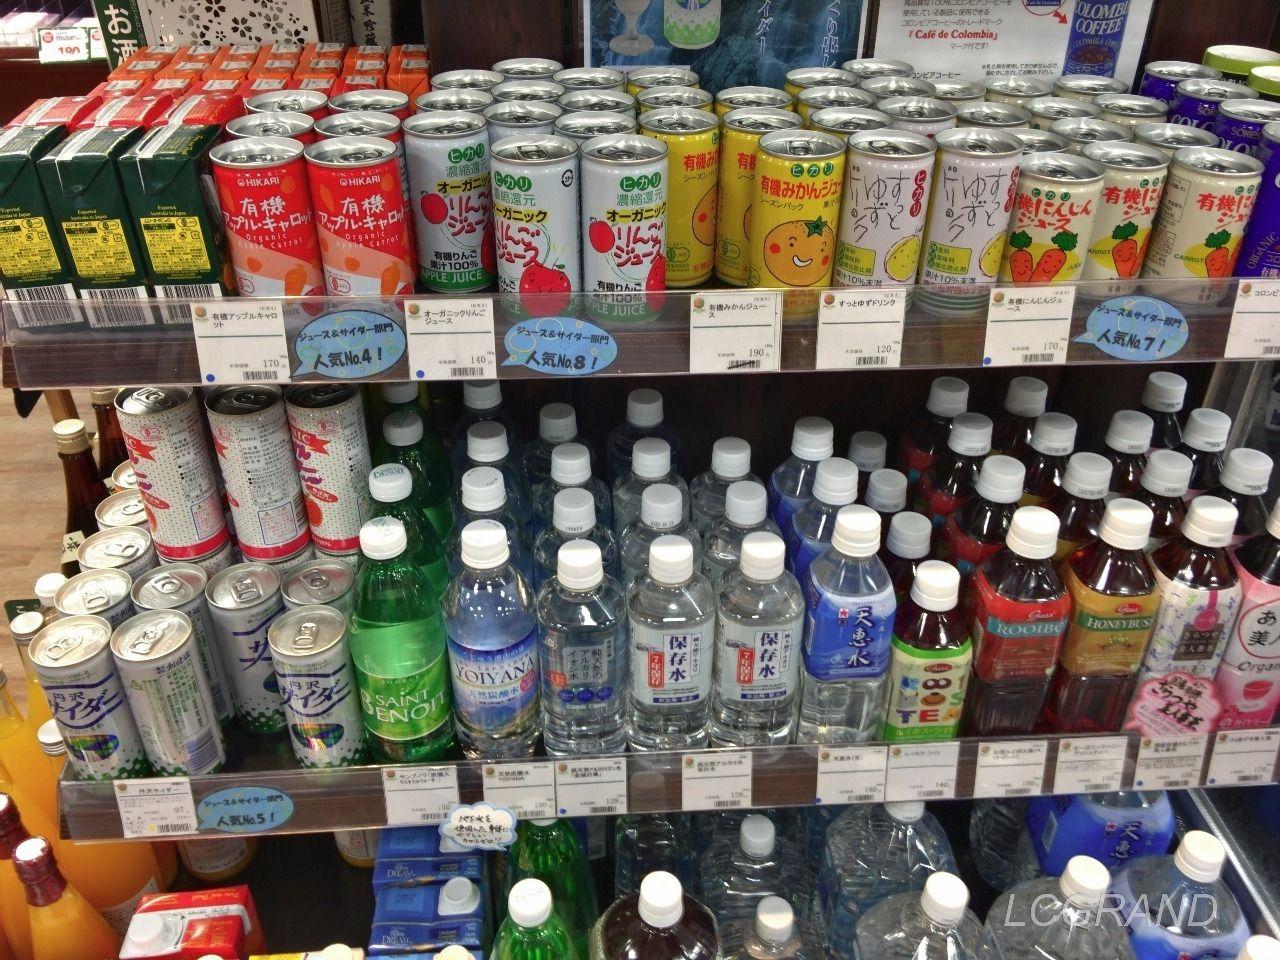 ムスビガーデン桜新町店の飲料コーナー